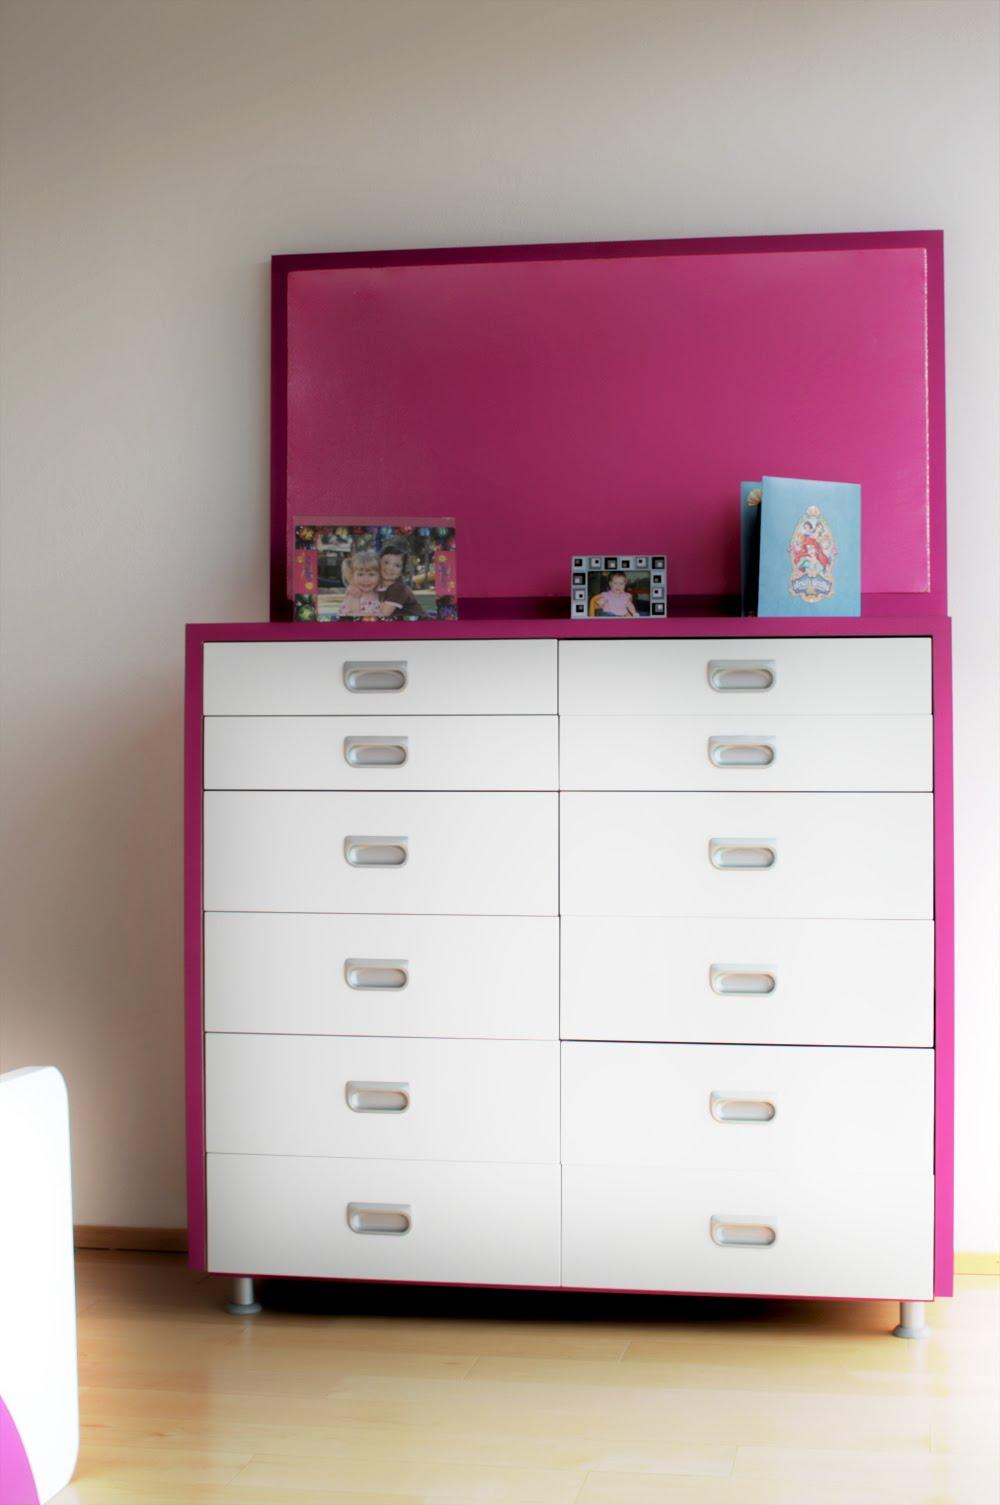 Cubo 3 taller de dise o muebles infantiles habitacion - Muebles infantiles diseno ...